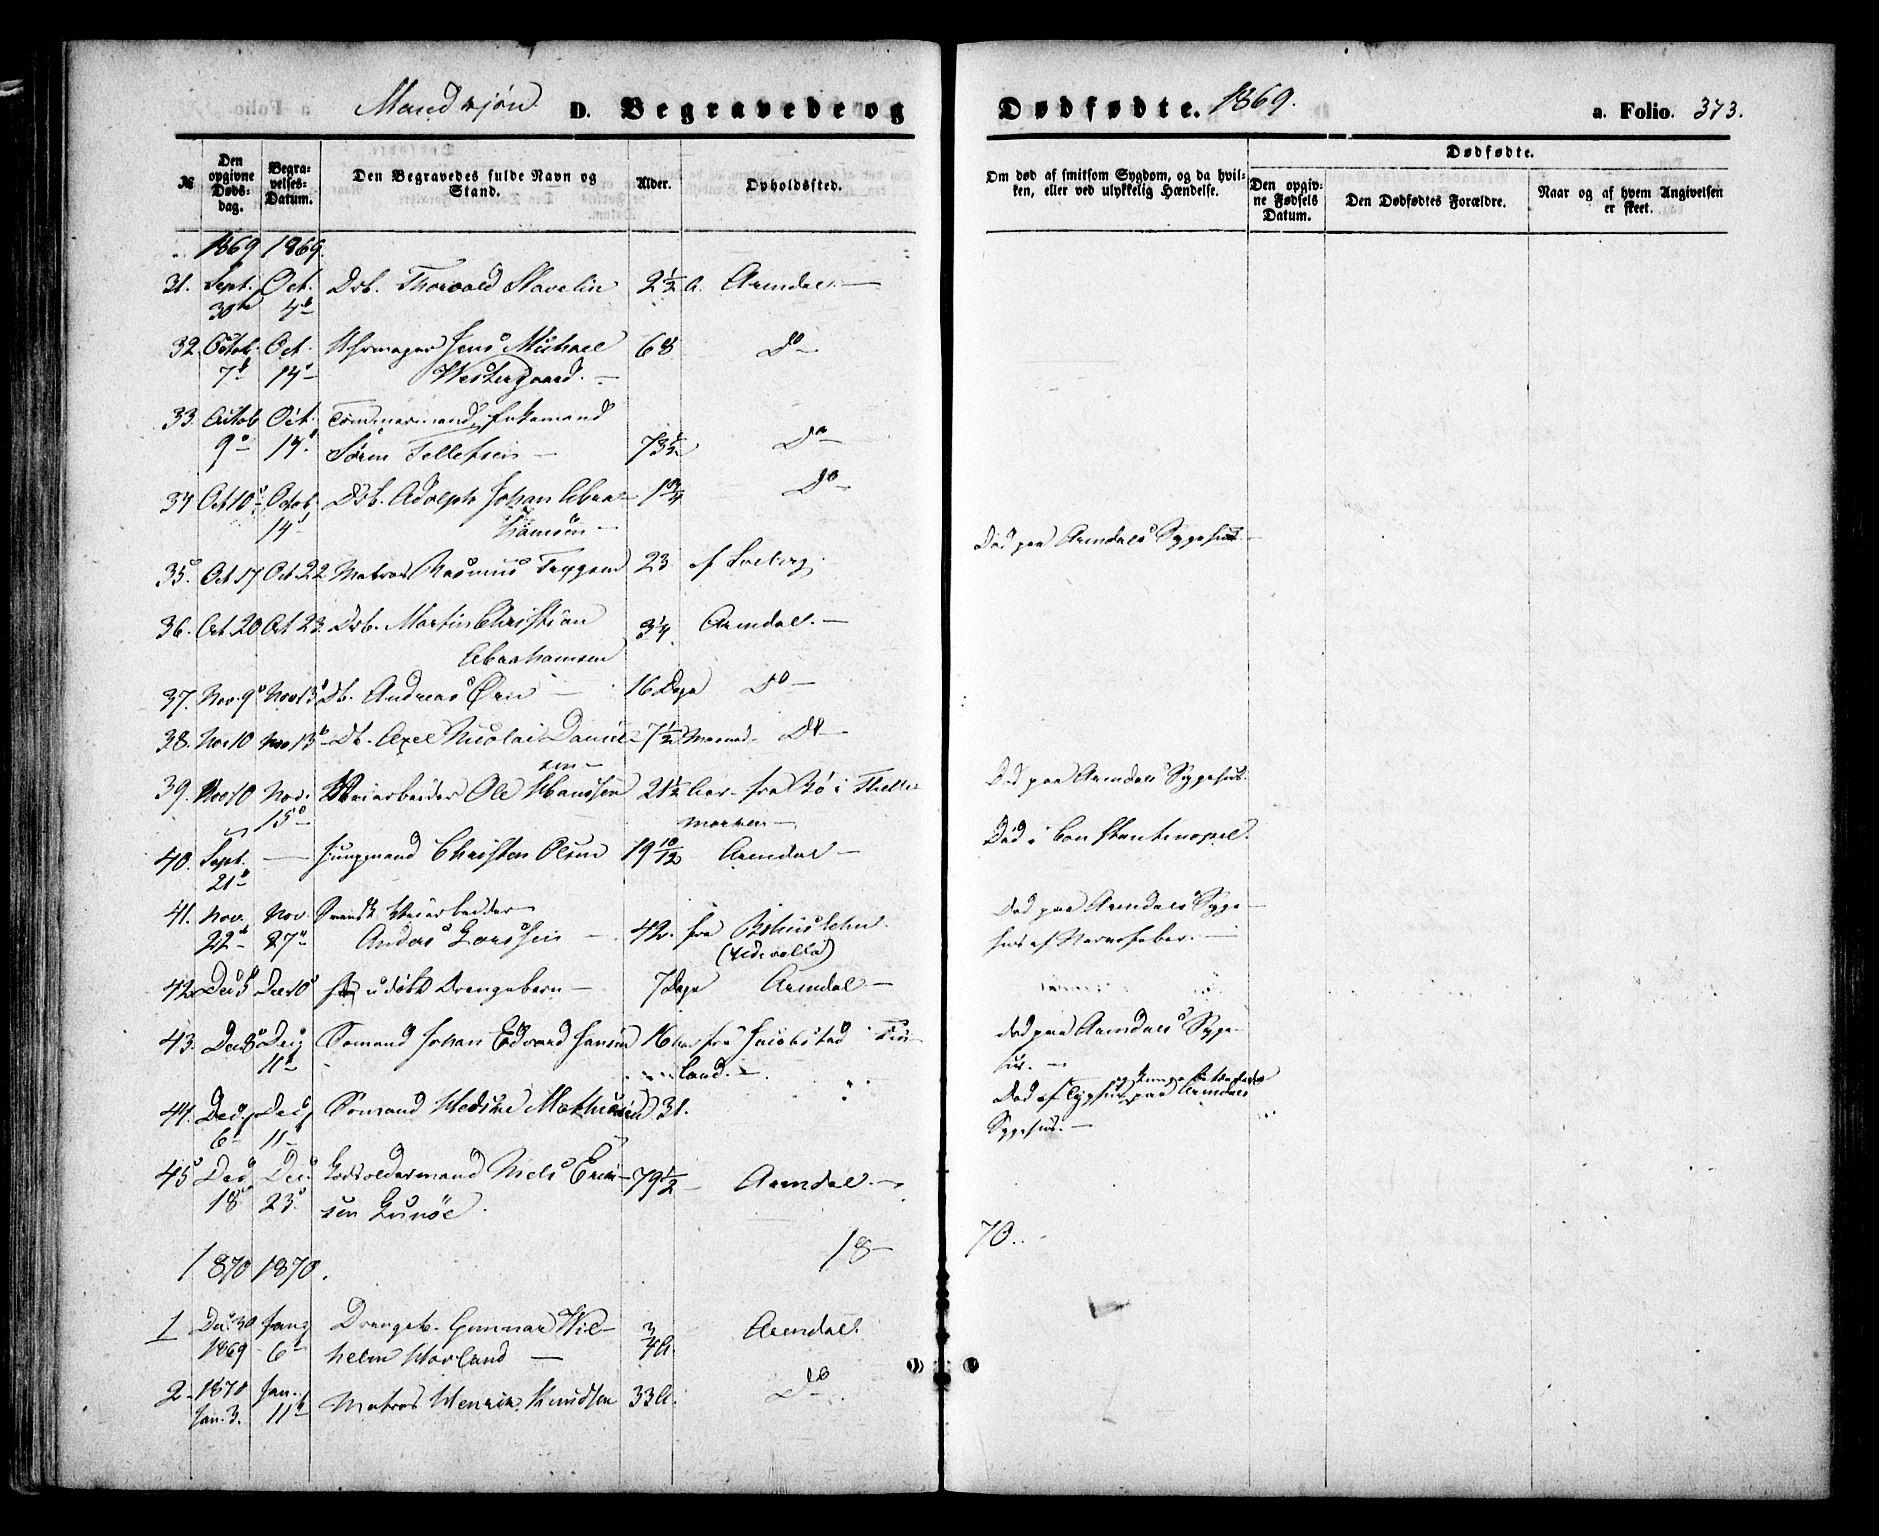 SAK, Arendal sokneprestkontor, Trefoldighet, F/Fa/L0007: Ministerialbok nr. A 7, 1868-1878, s. 373